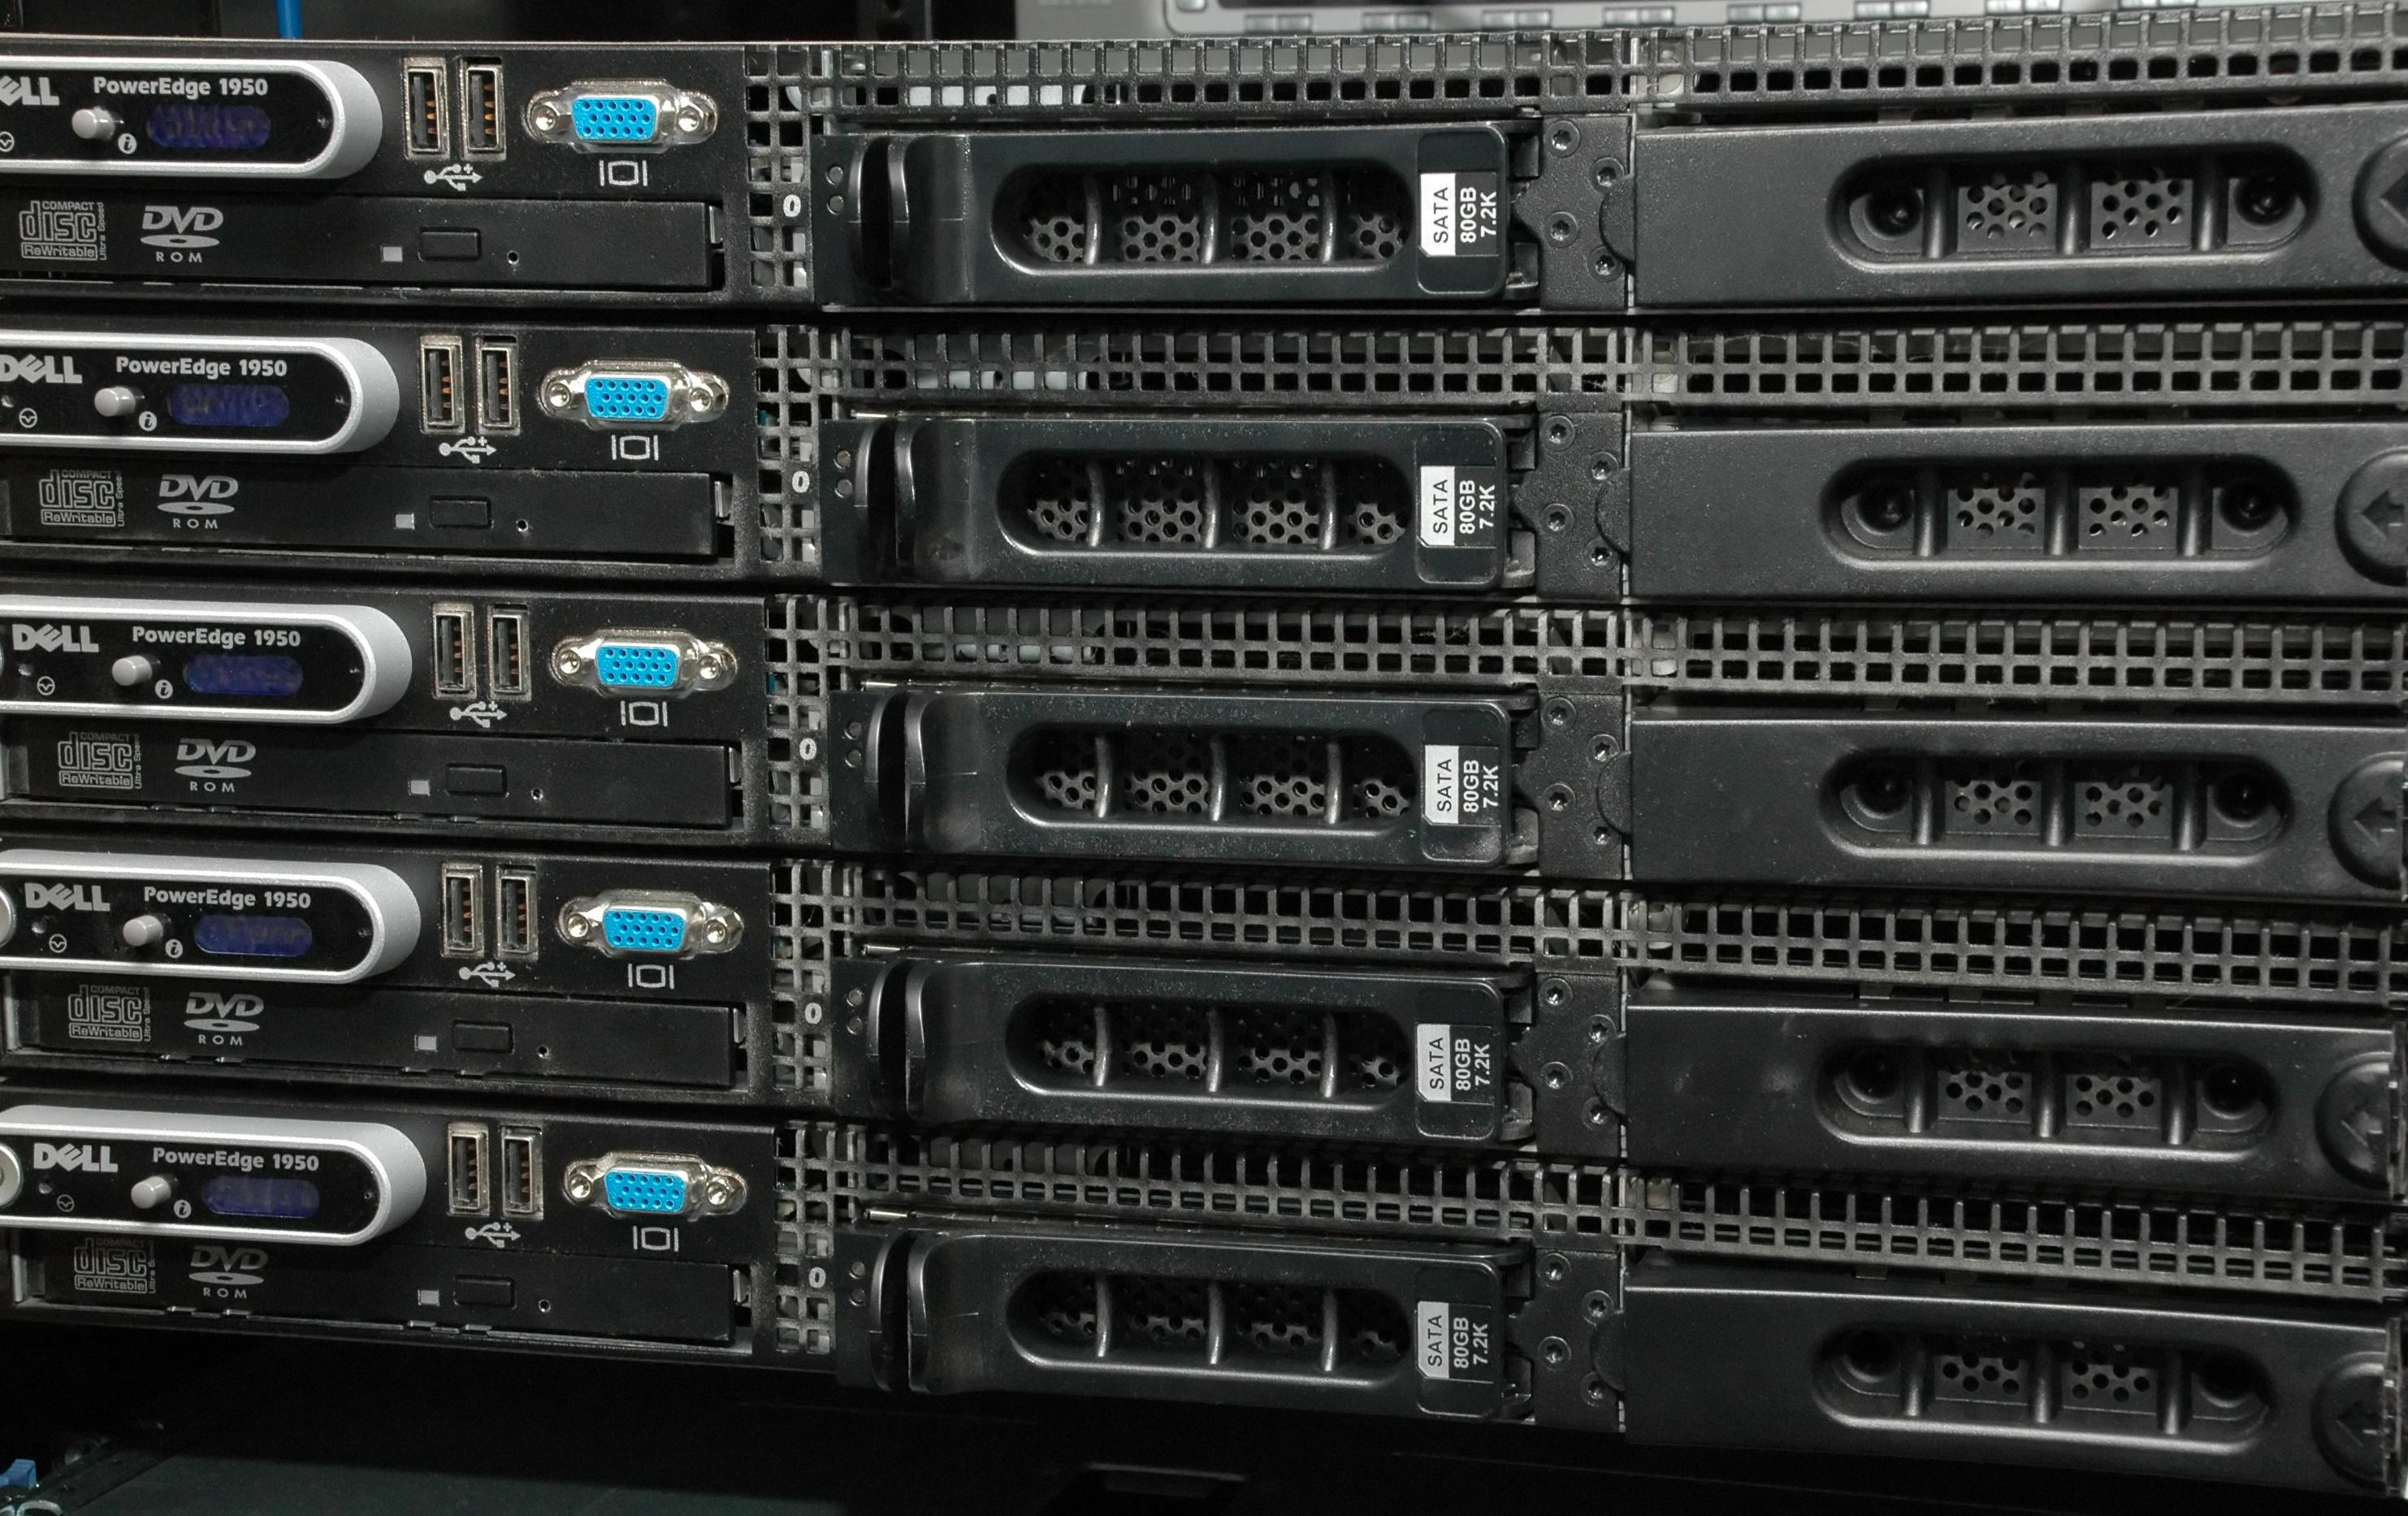 Dell PowerEdge – Wikipedia